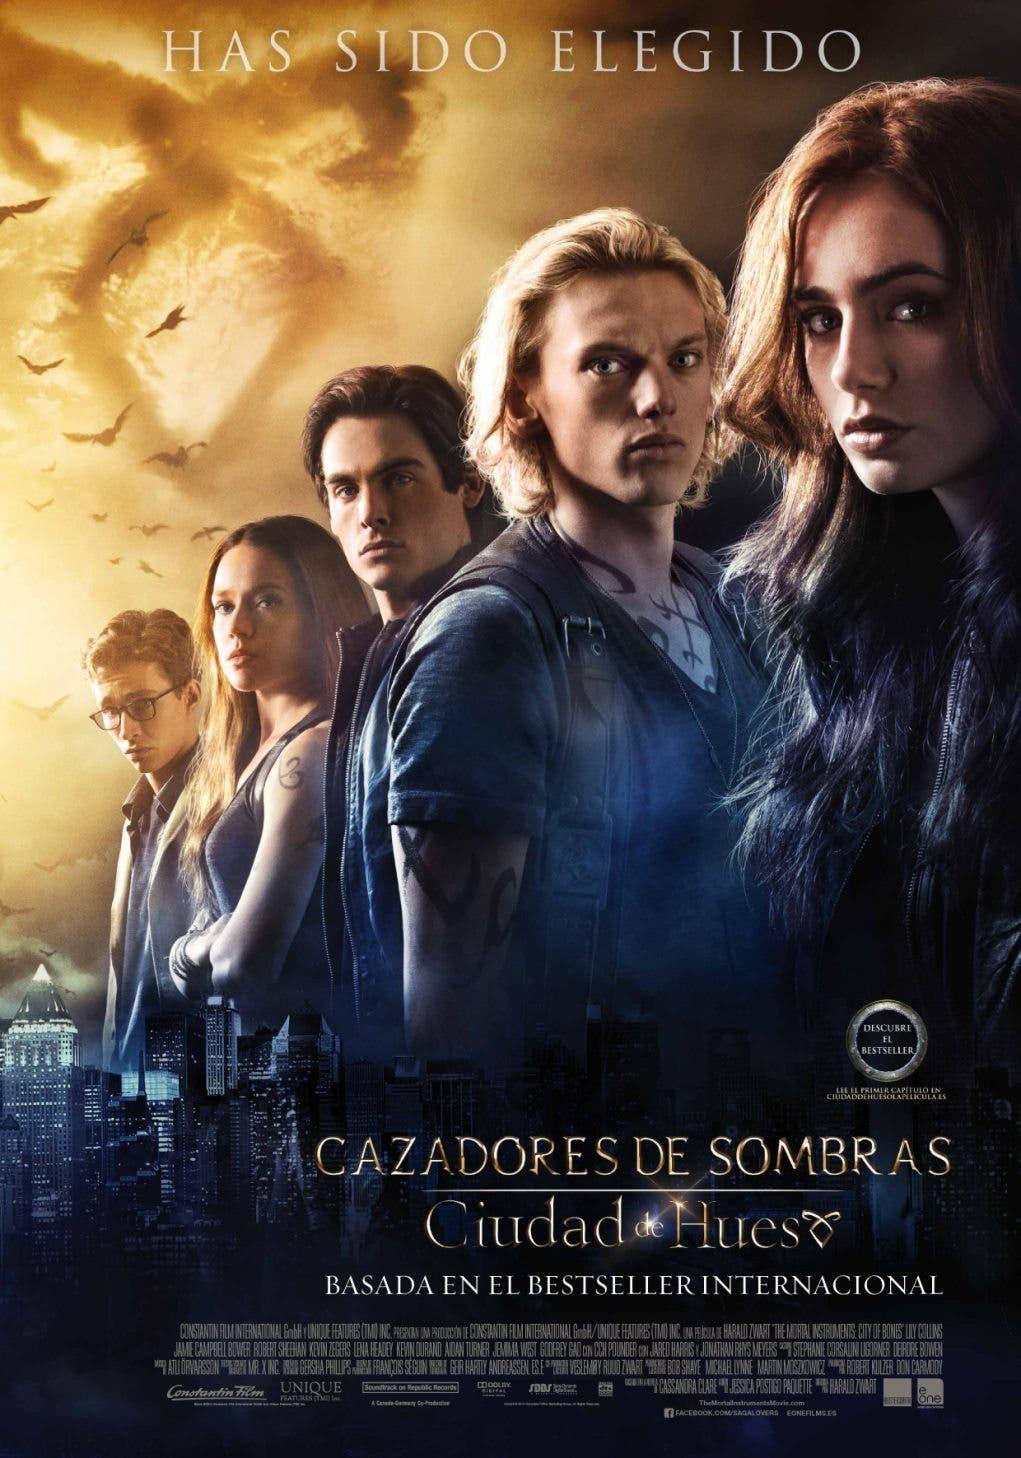 póster de Cazadores de sombras: Ciudad de Hueso